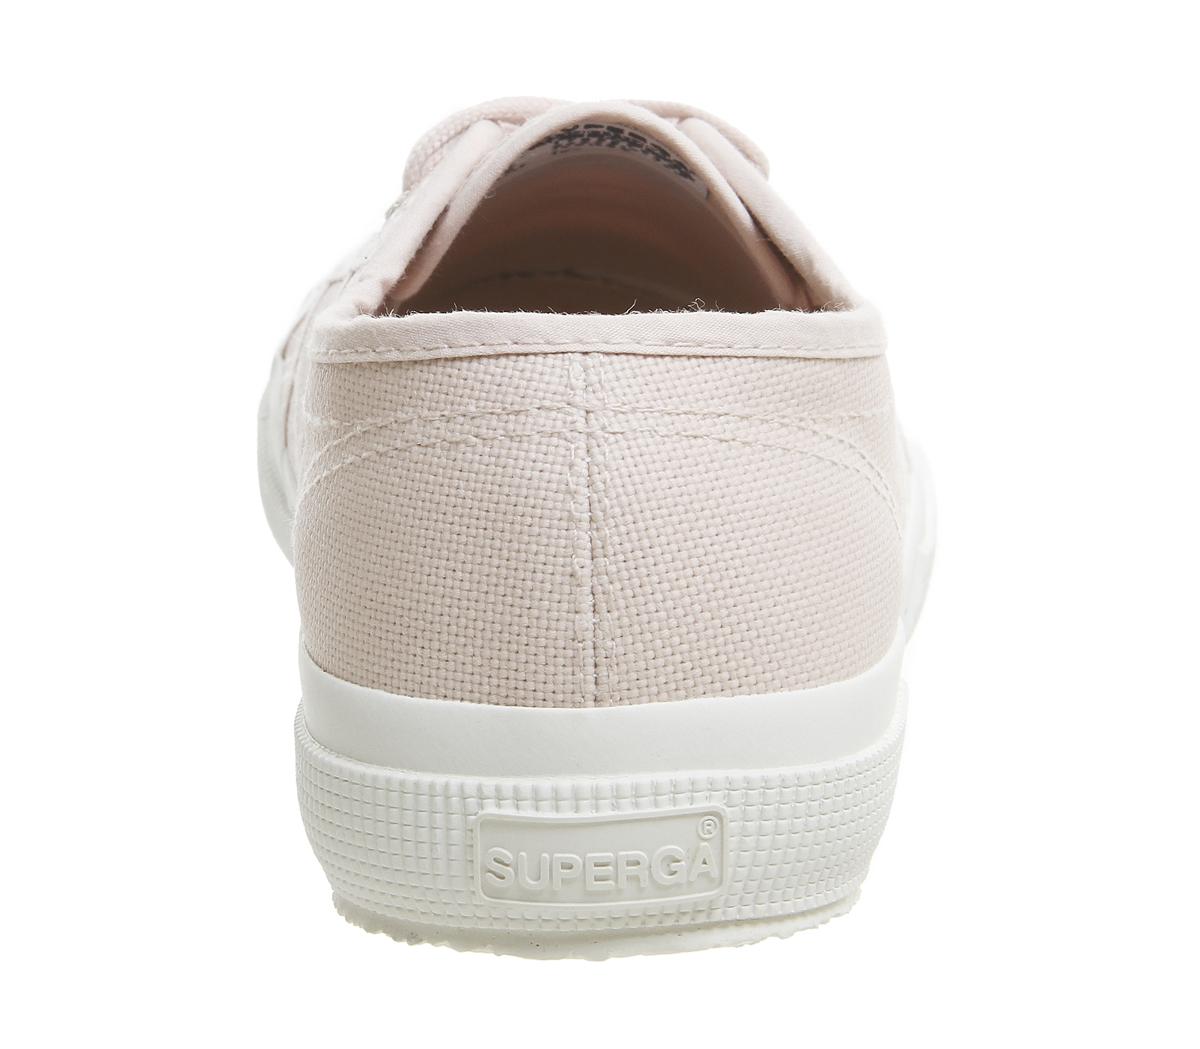 450be0abb47d4 SENTINEL Womens Superga 2750 formatori pelle bianco completo formatori scarpe  rosa